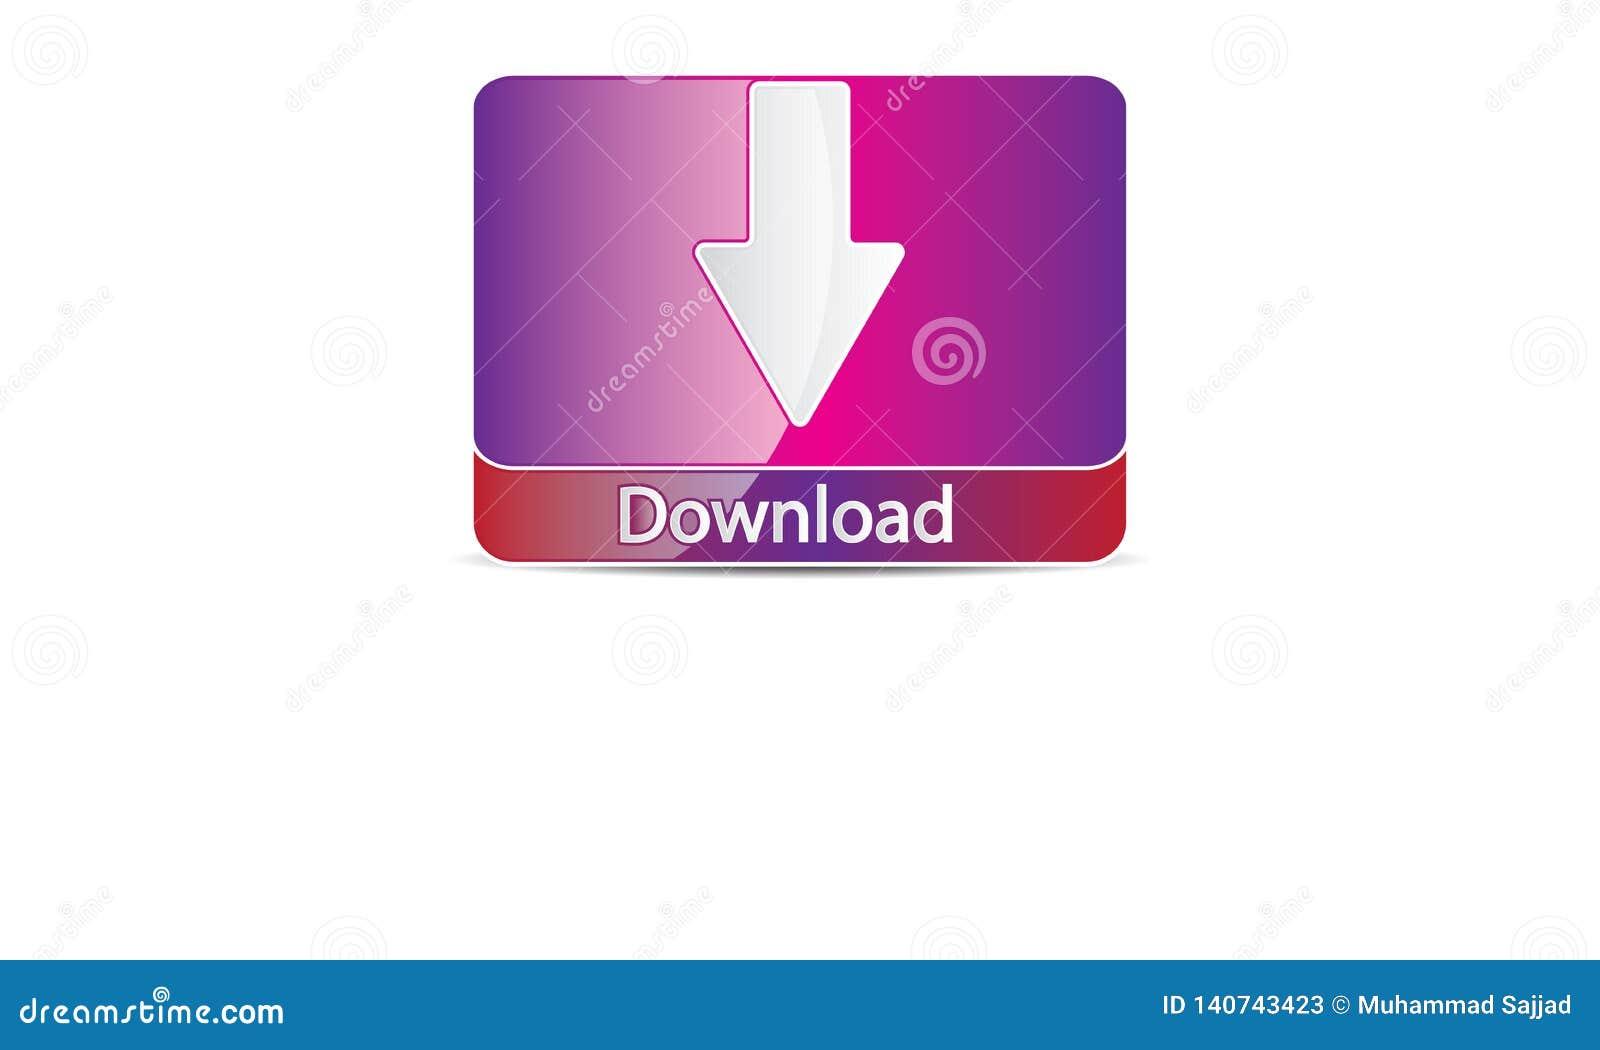 Netz-Download Logo Template - Netz-Download-Ikone - Netz-Download-Symbol-neues neues Firmenzeichen